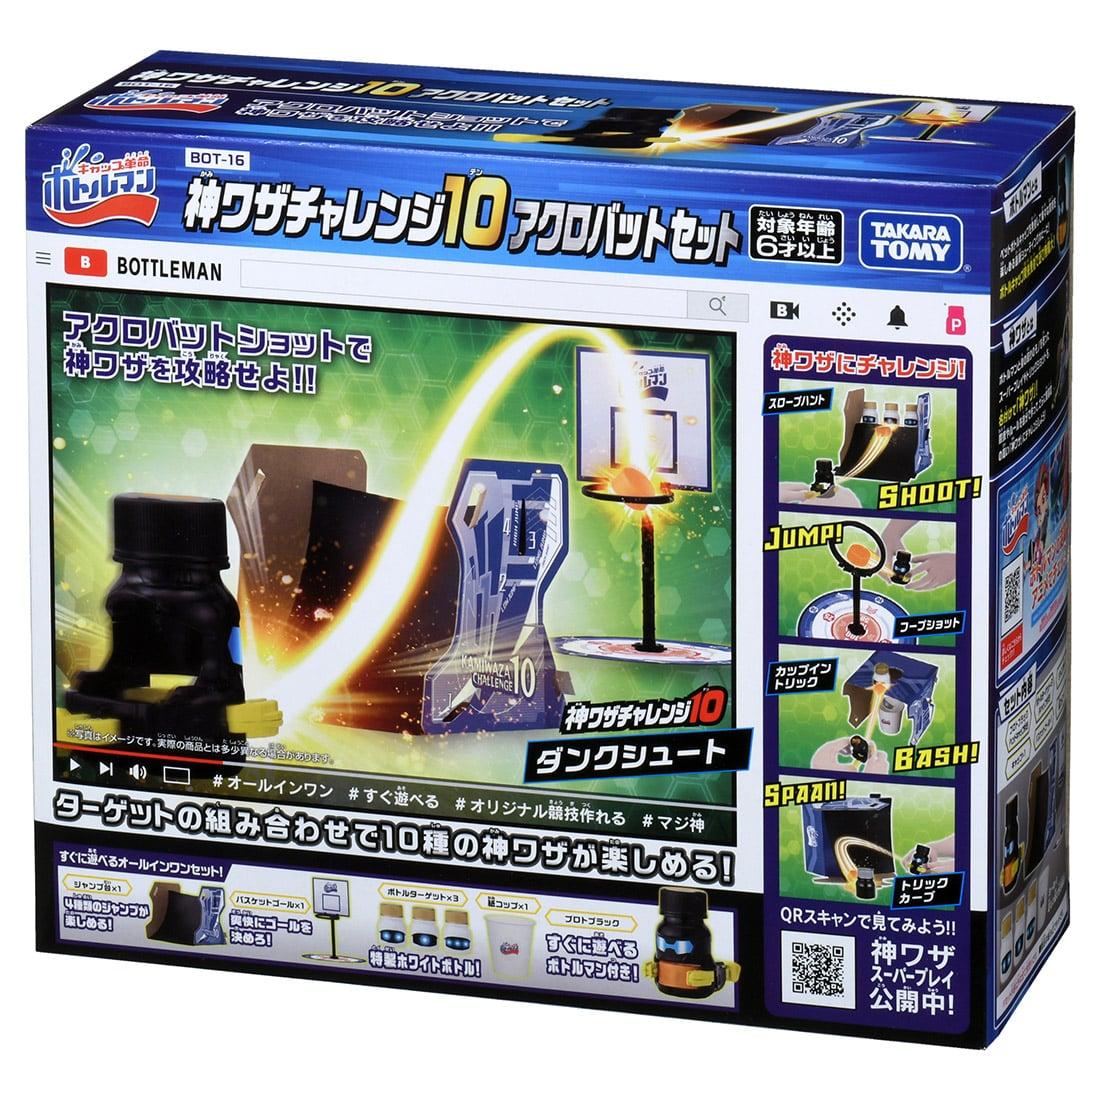 キャップ革命 ボトルマン『BOT-15 神ワザチャレンジ10 スマッシュセット』おもちゃ-017